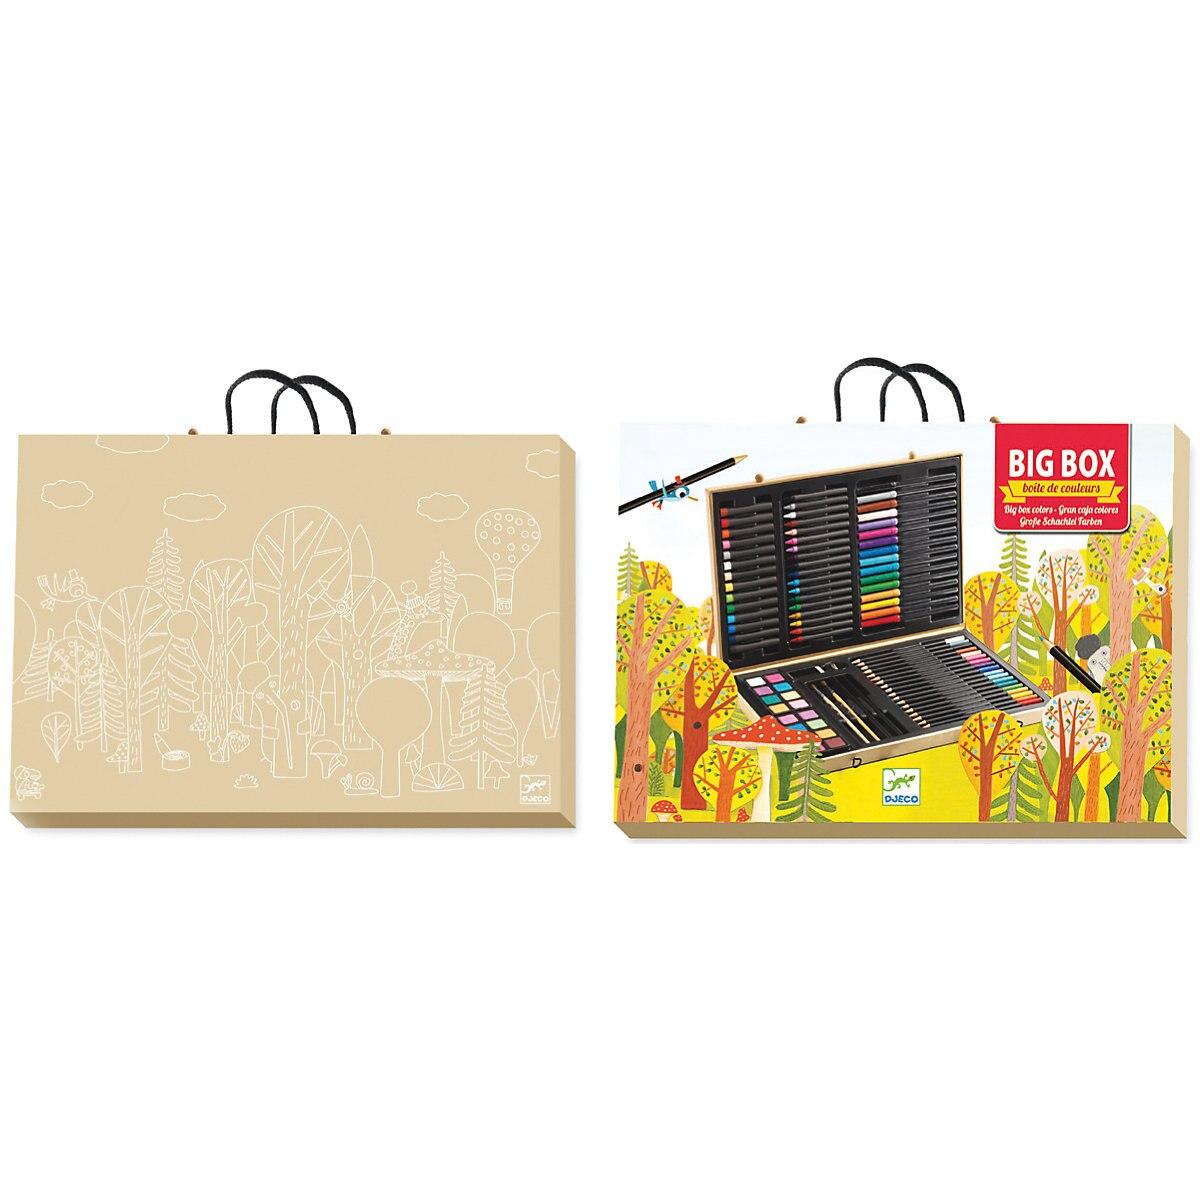 Zeichnung Spielzeug DJECO 4783888 Staffelei Bord Sets Kreativität 3D stift Kinder Färbung Seiten MTpromo - 2